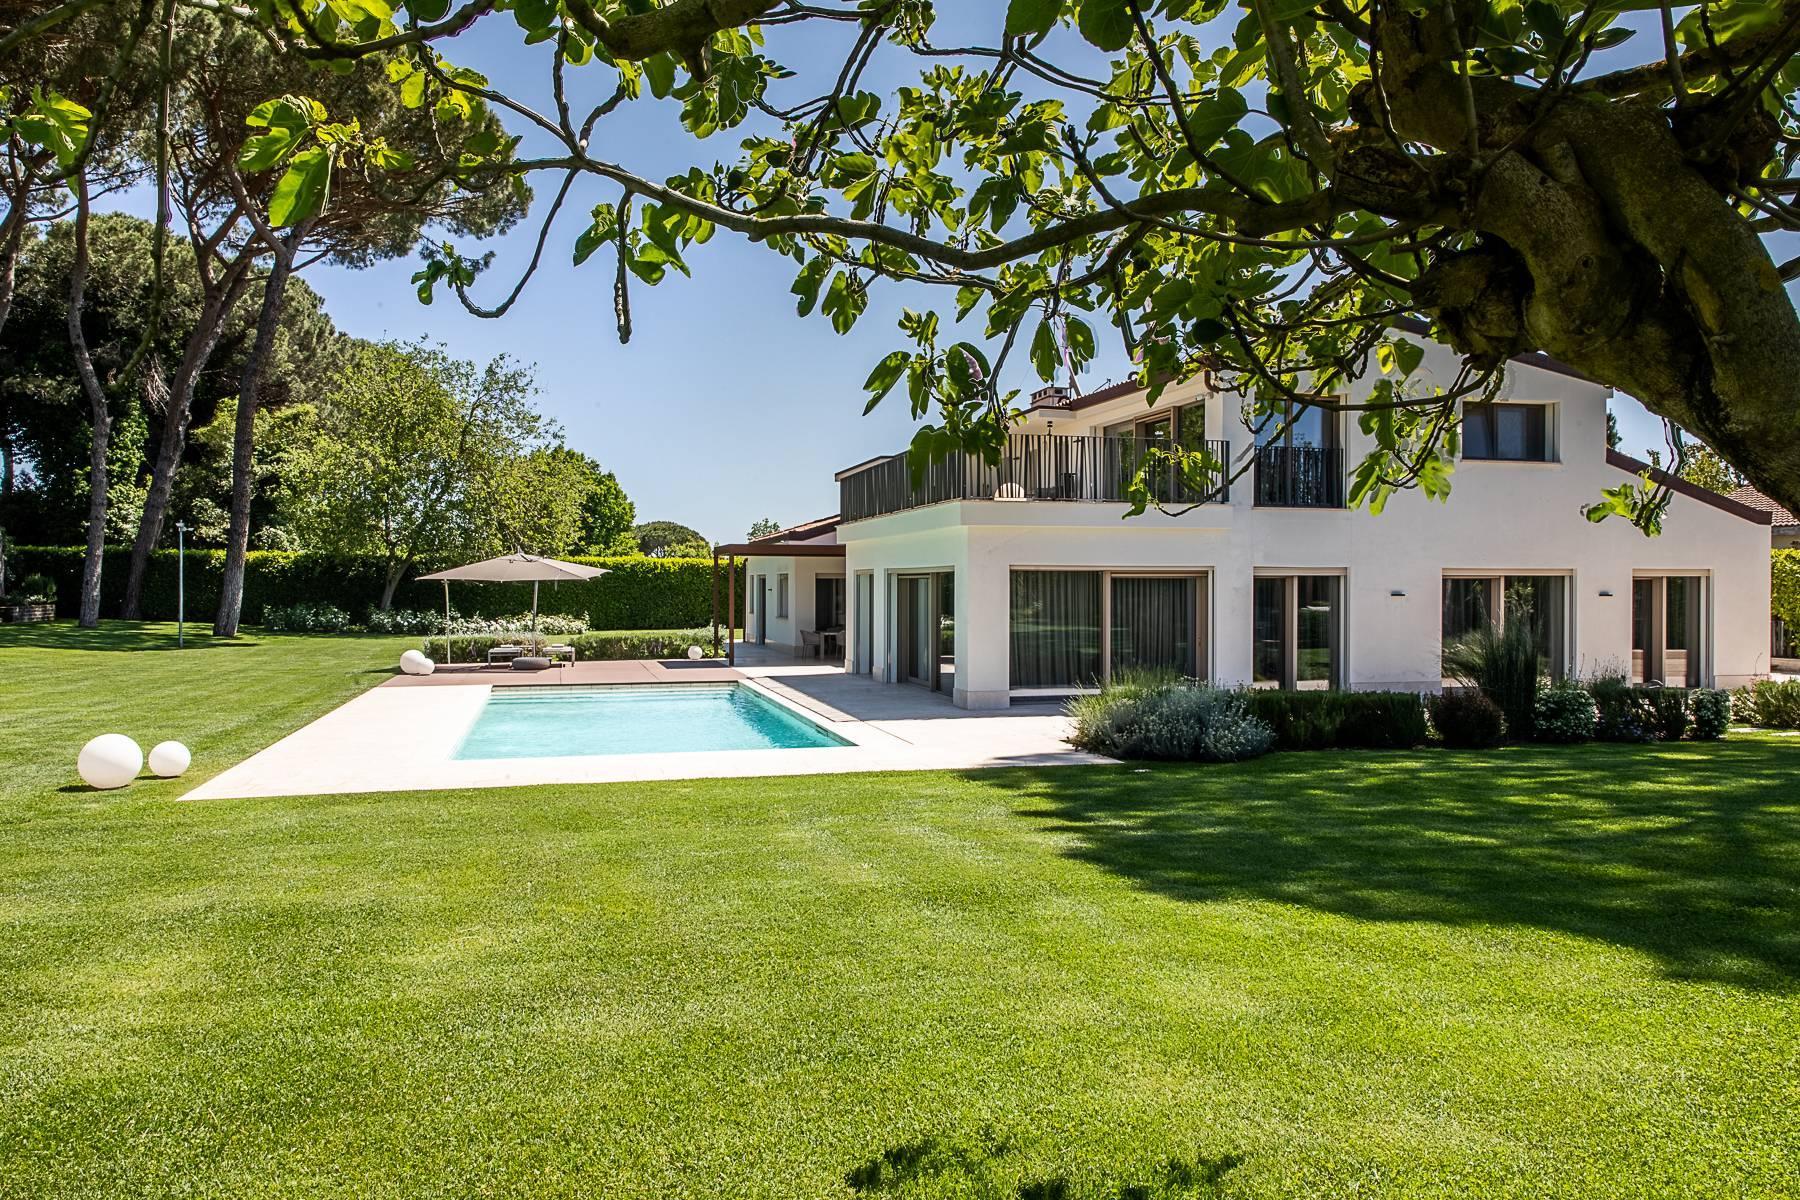 Wunderschöne moderne Villa mit Pool im Olgiata Stadtviertel - 2